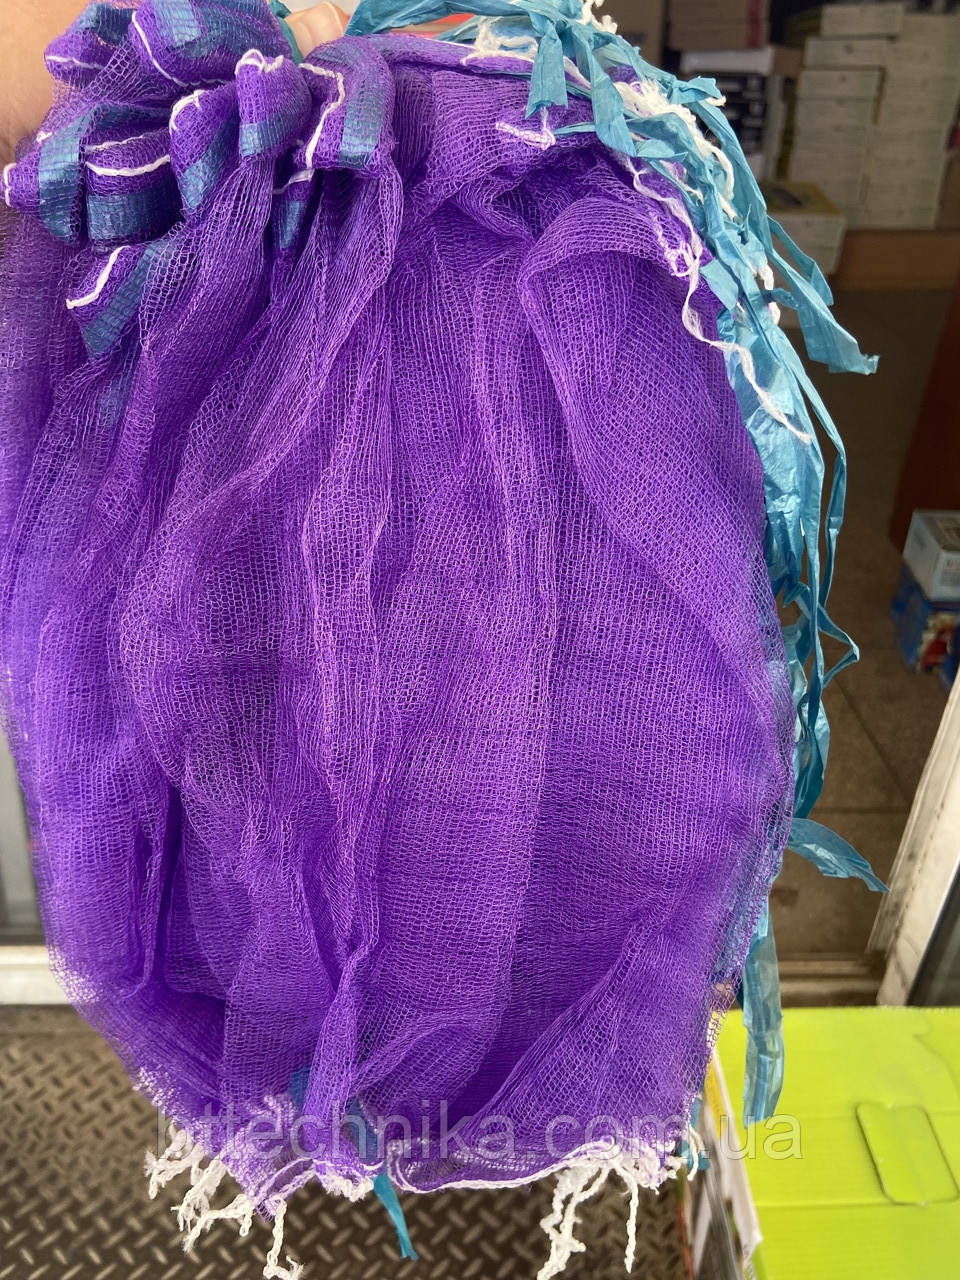 Сетка для винограда плотная фиолетовая для плодов 5 кг